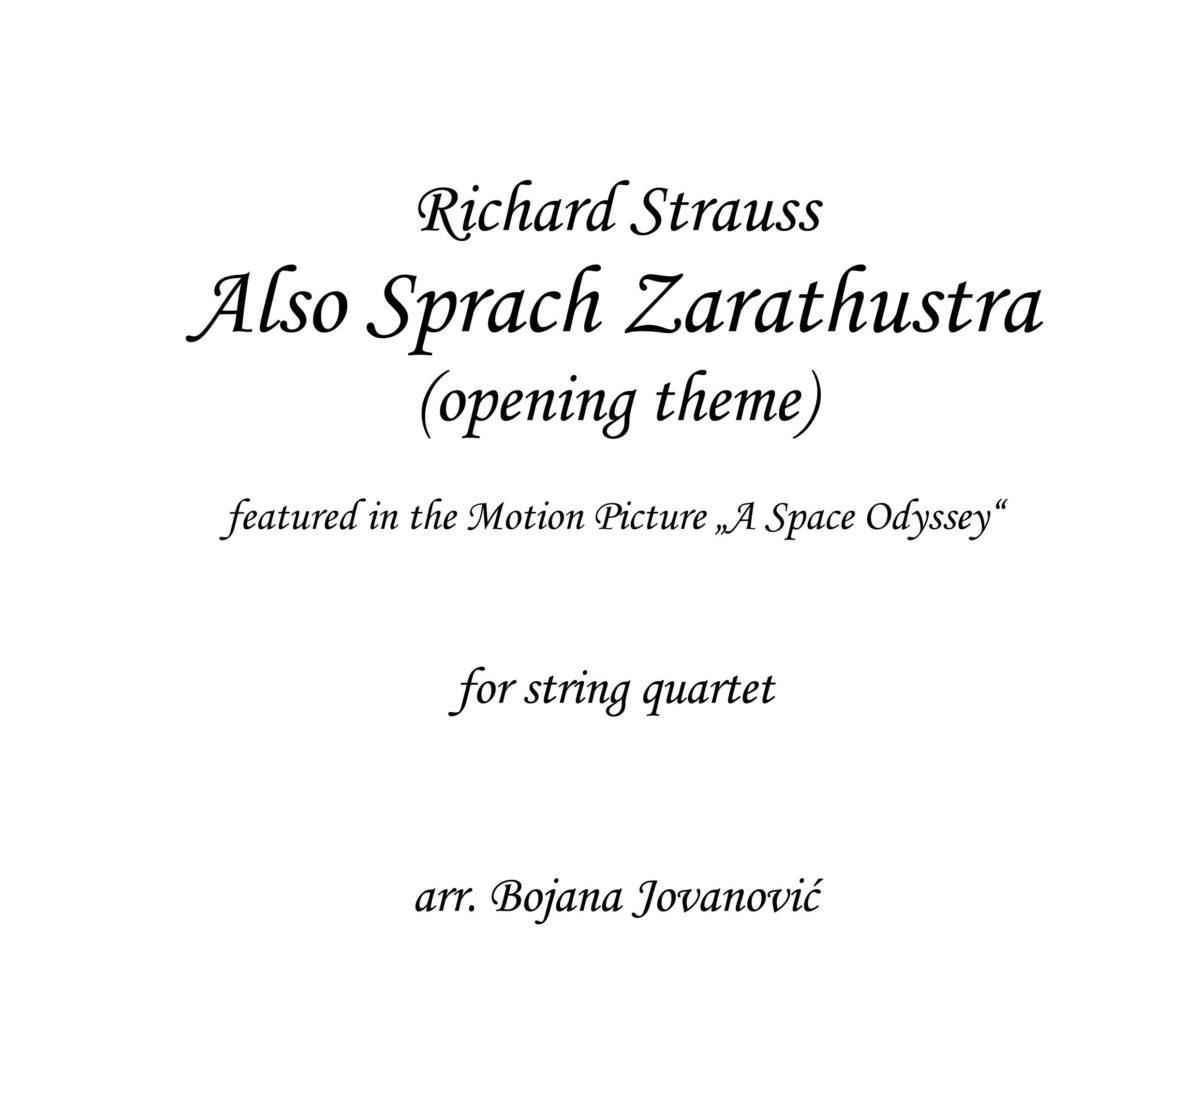 Also Sprach Zarathustra (R.Strauss) - Sheet Music